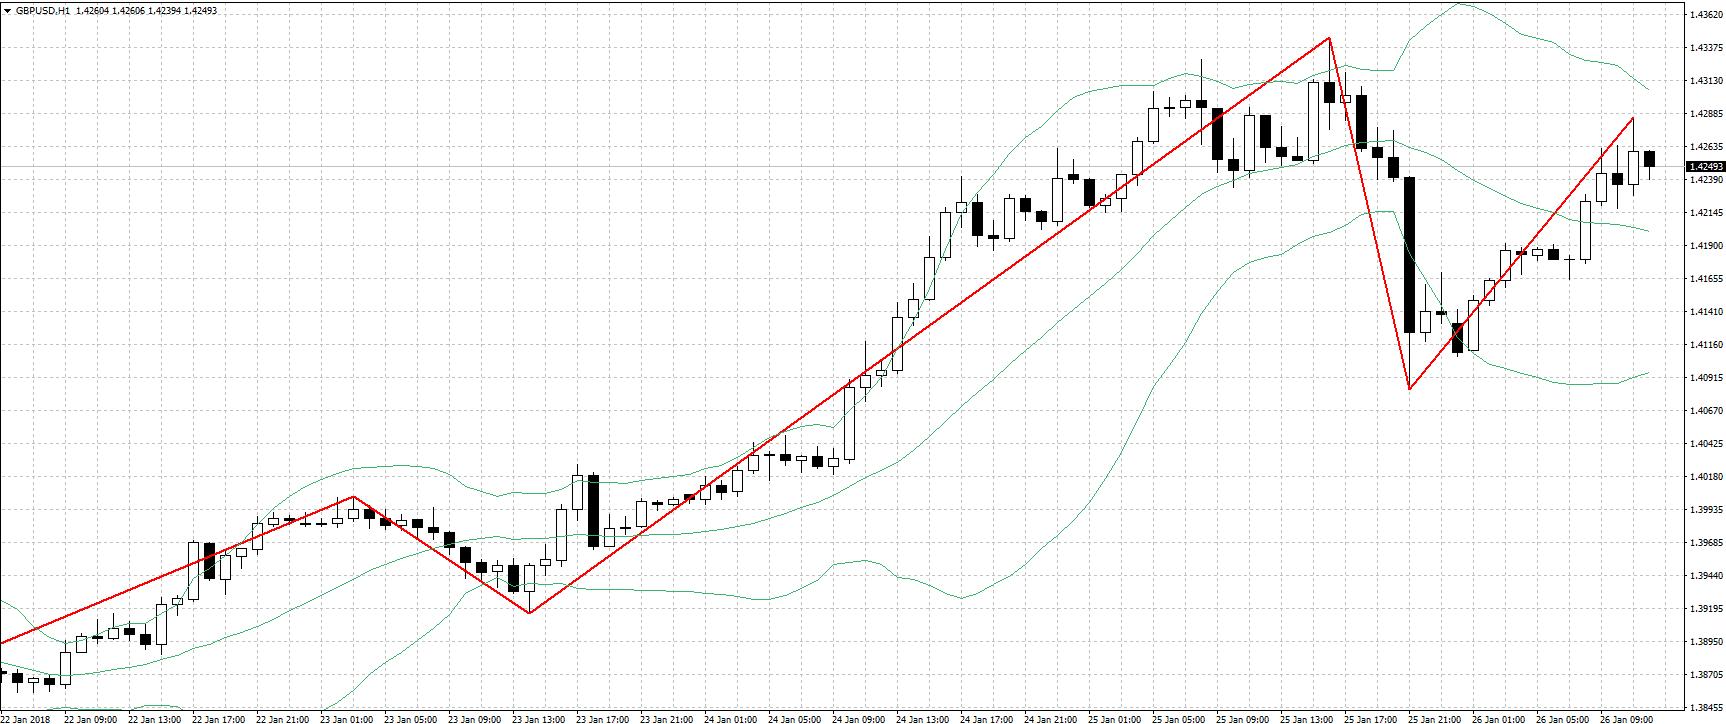 форекс индикаторы zigzag